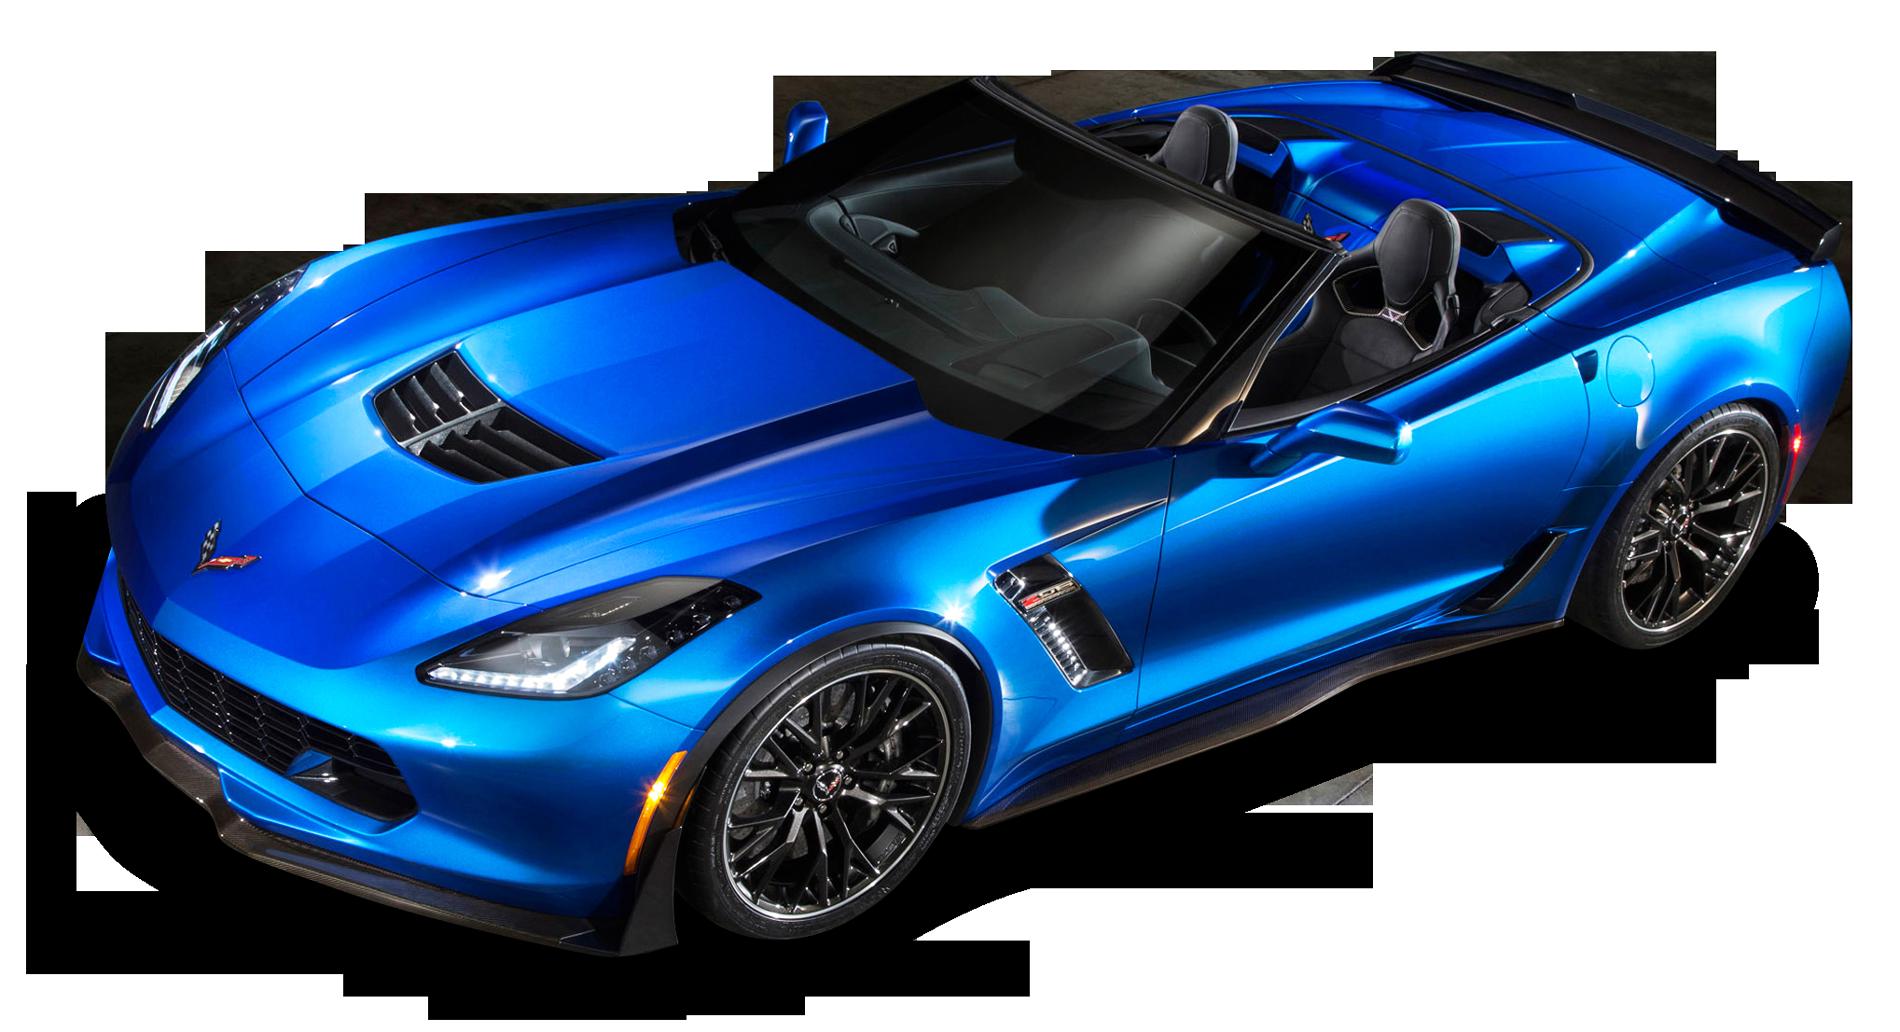 Blue Chevrolet Corvette Z06 Top View Car PNG Image